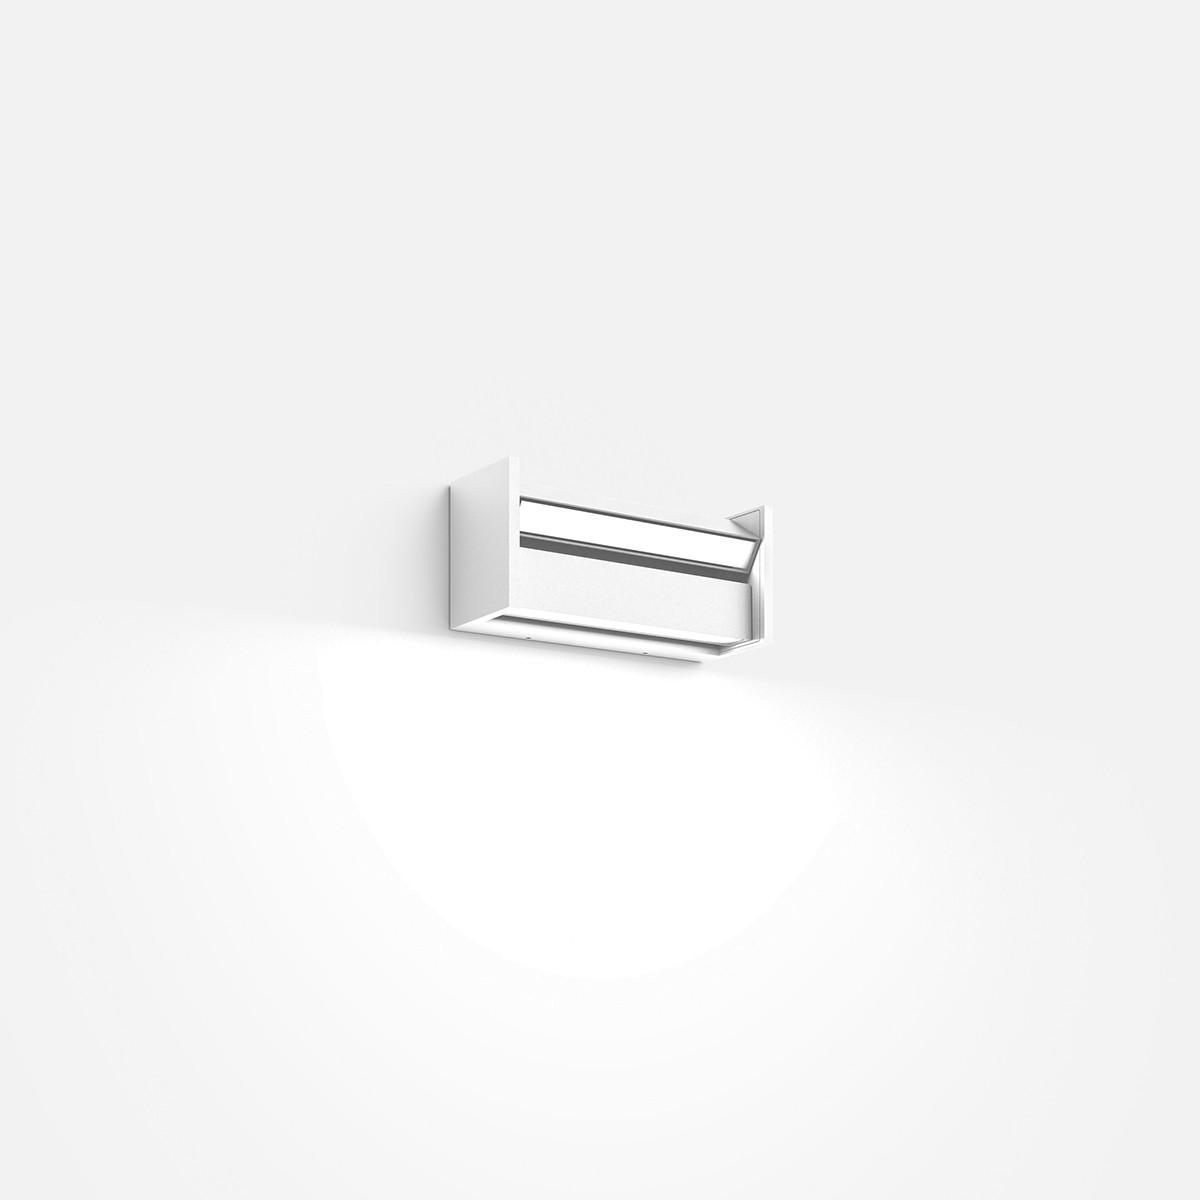 IP44.de Slat Wand- / Deckenleuchte, pure white (weiß)